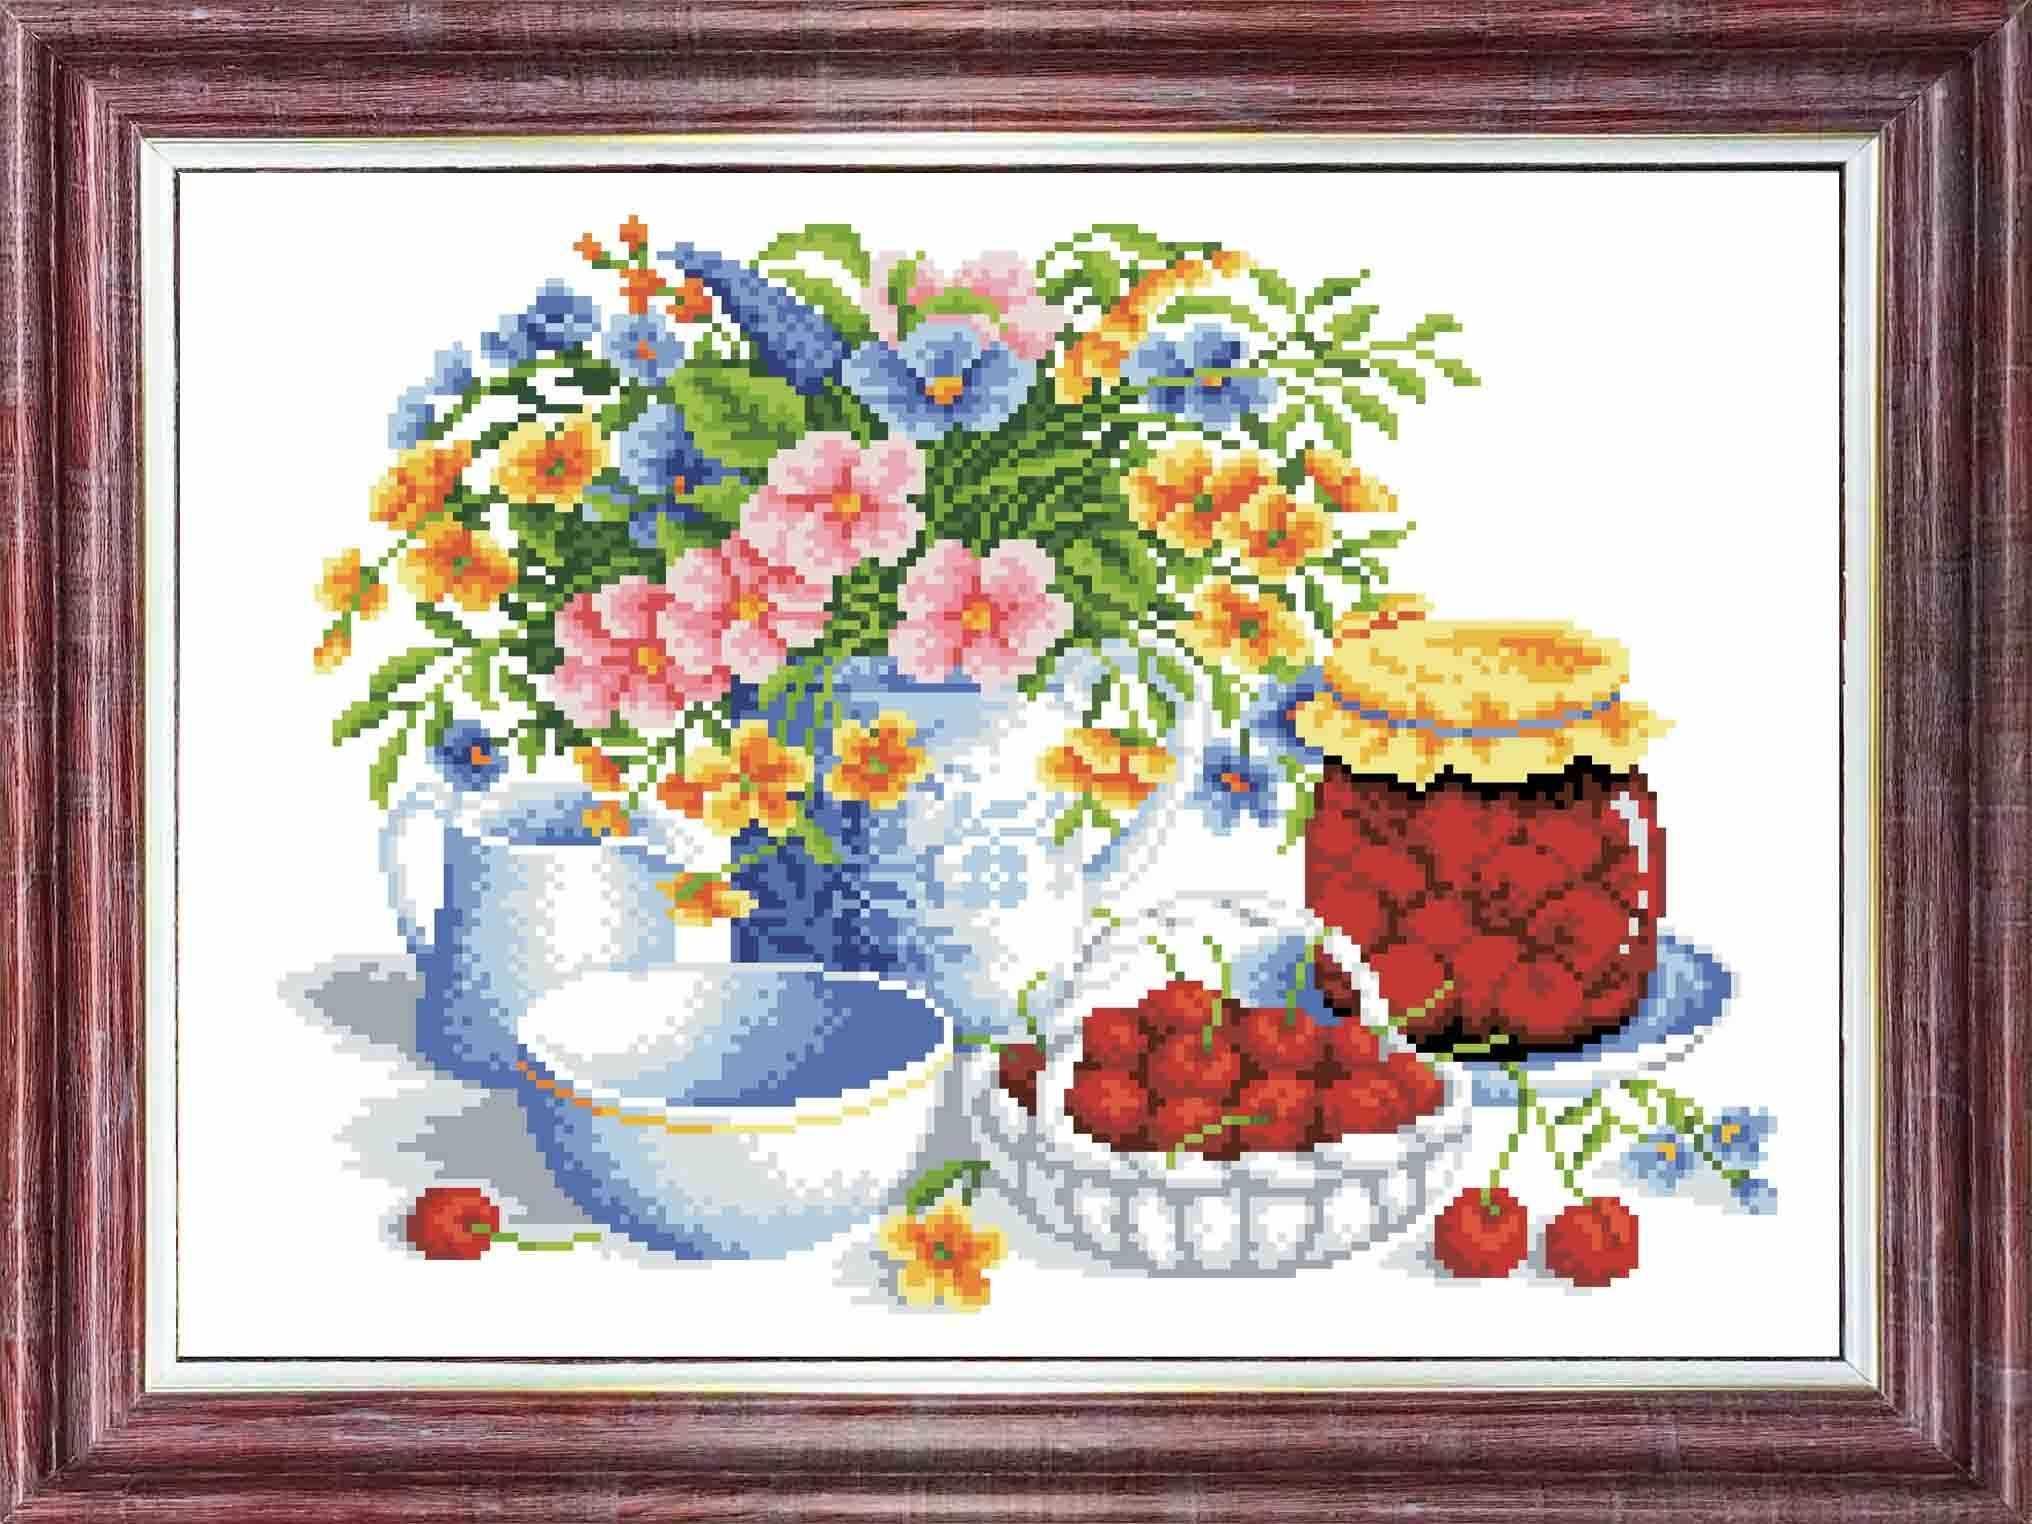 кткн153 (р) Вишневое варенье - набор (Каролинка)